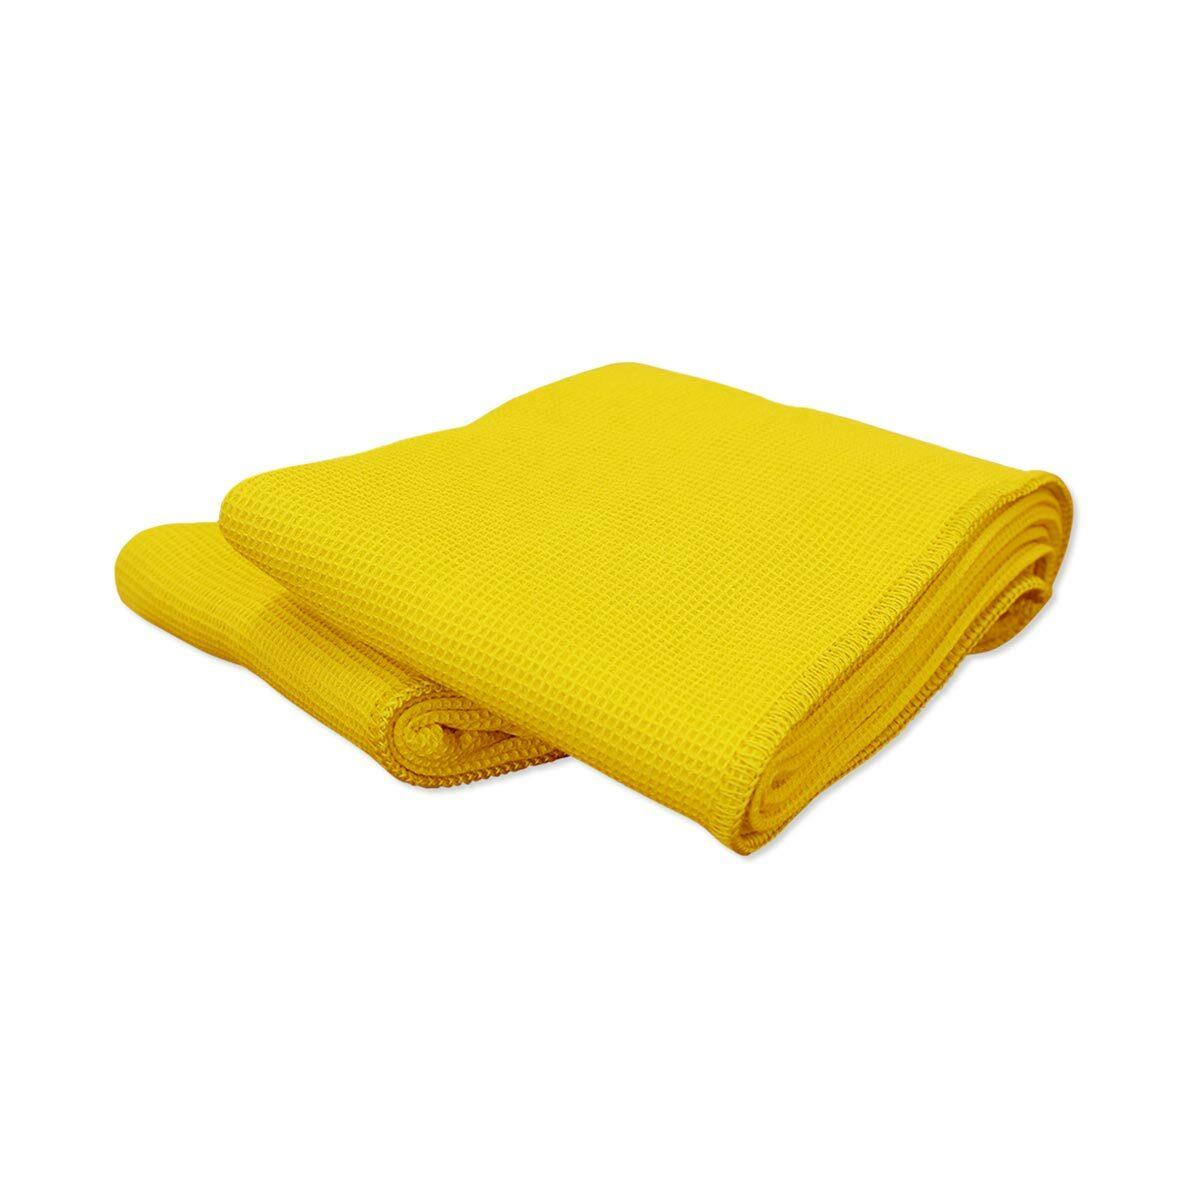 BettwarenShop Piqué Baumwolldecke Tagesdecke